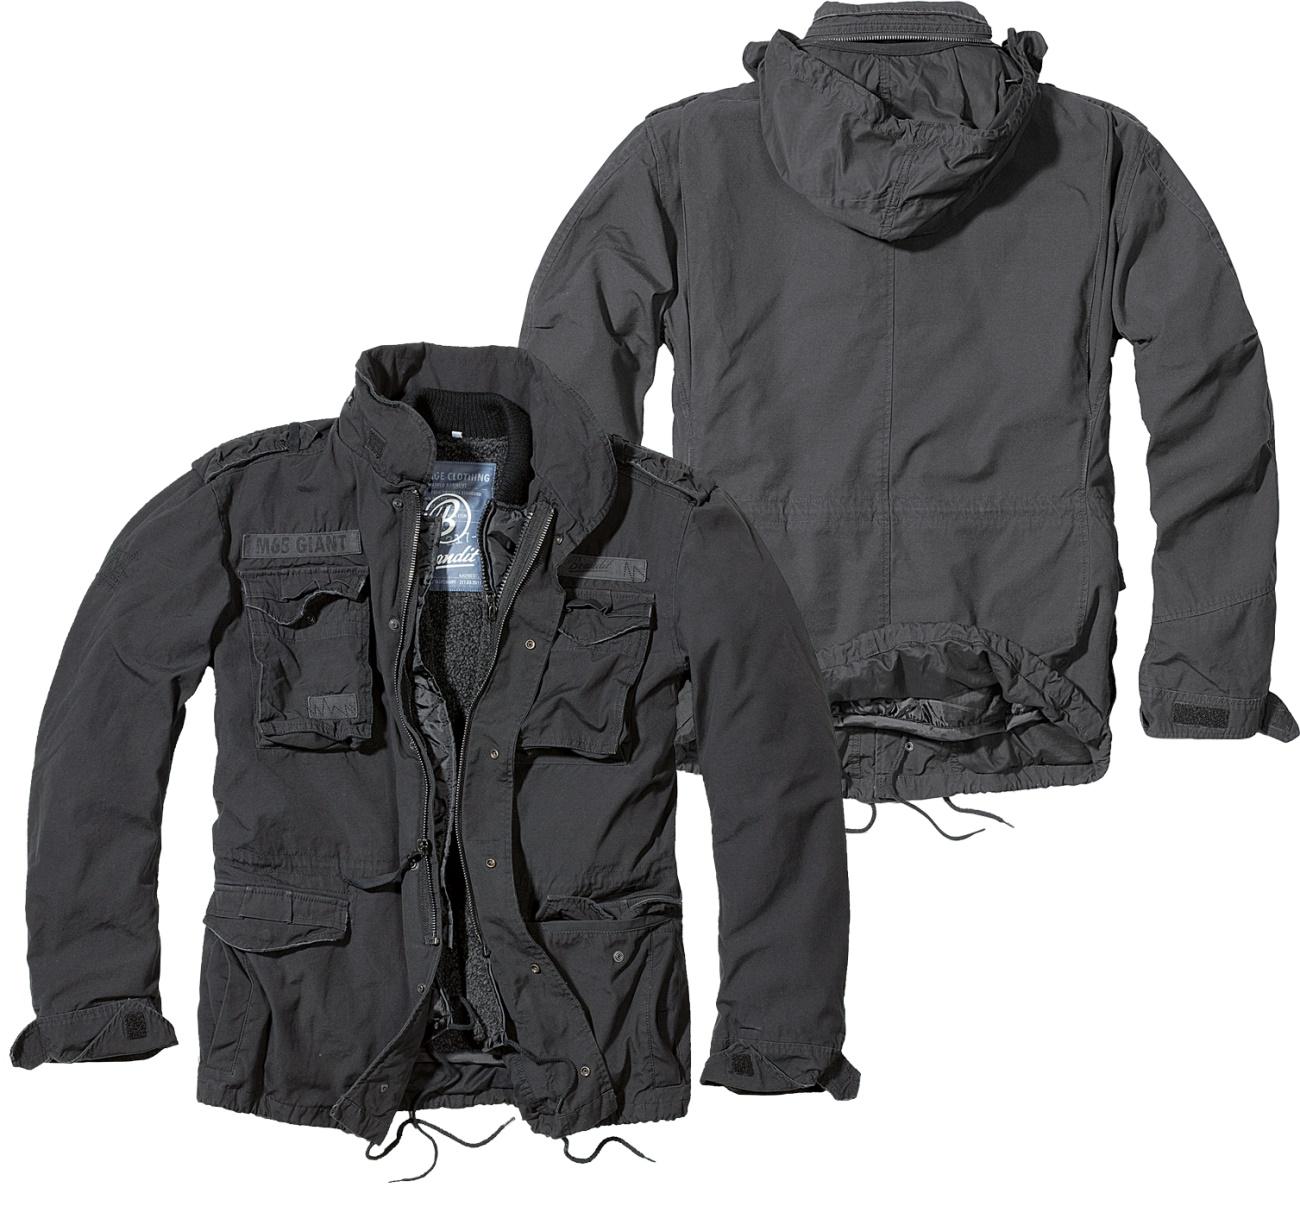 M65 Giant Jacke